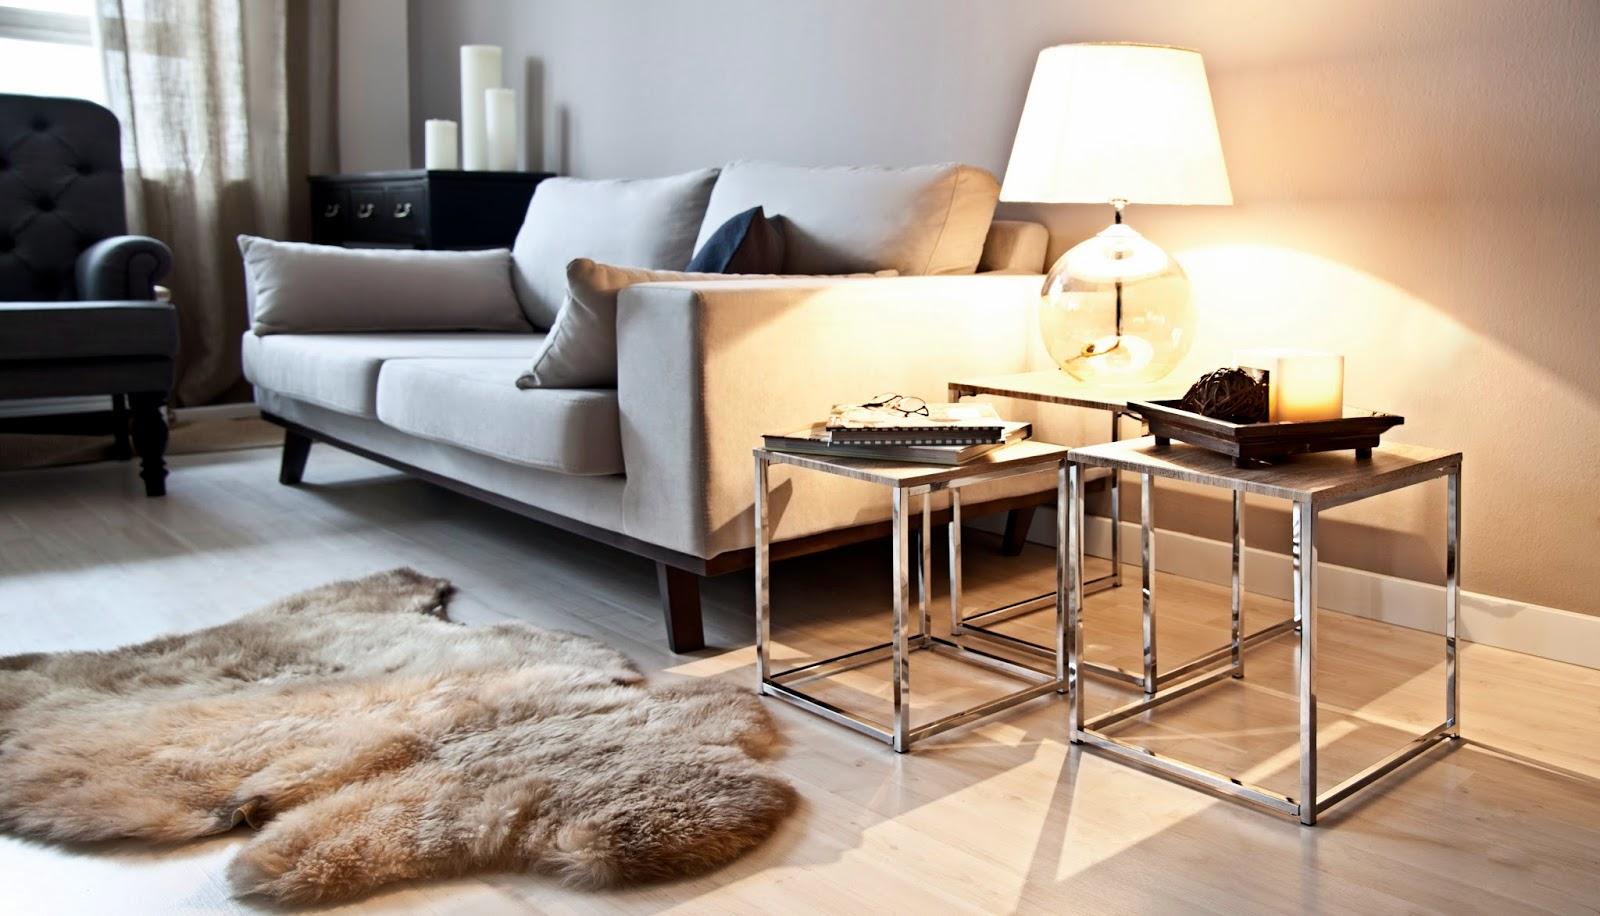 styl skandynawski, inspiracje, wnętrzarskie, jak urządzić mieszkanie, minimalizm